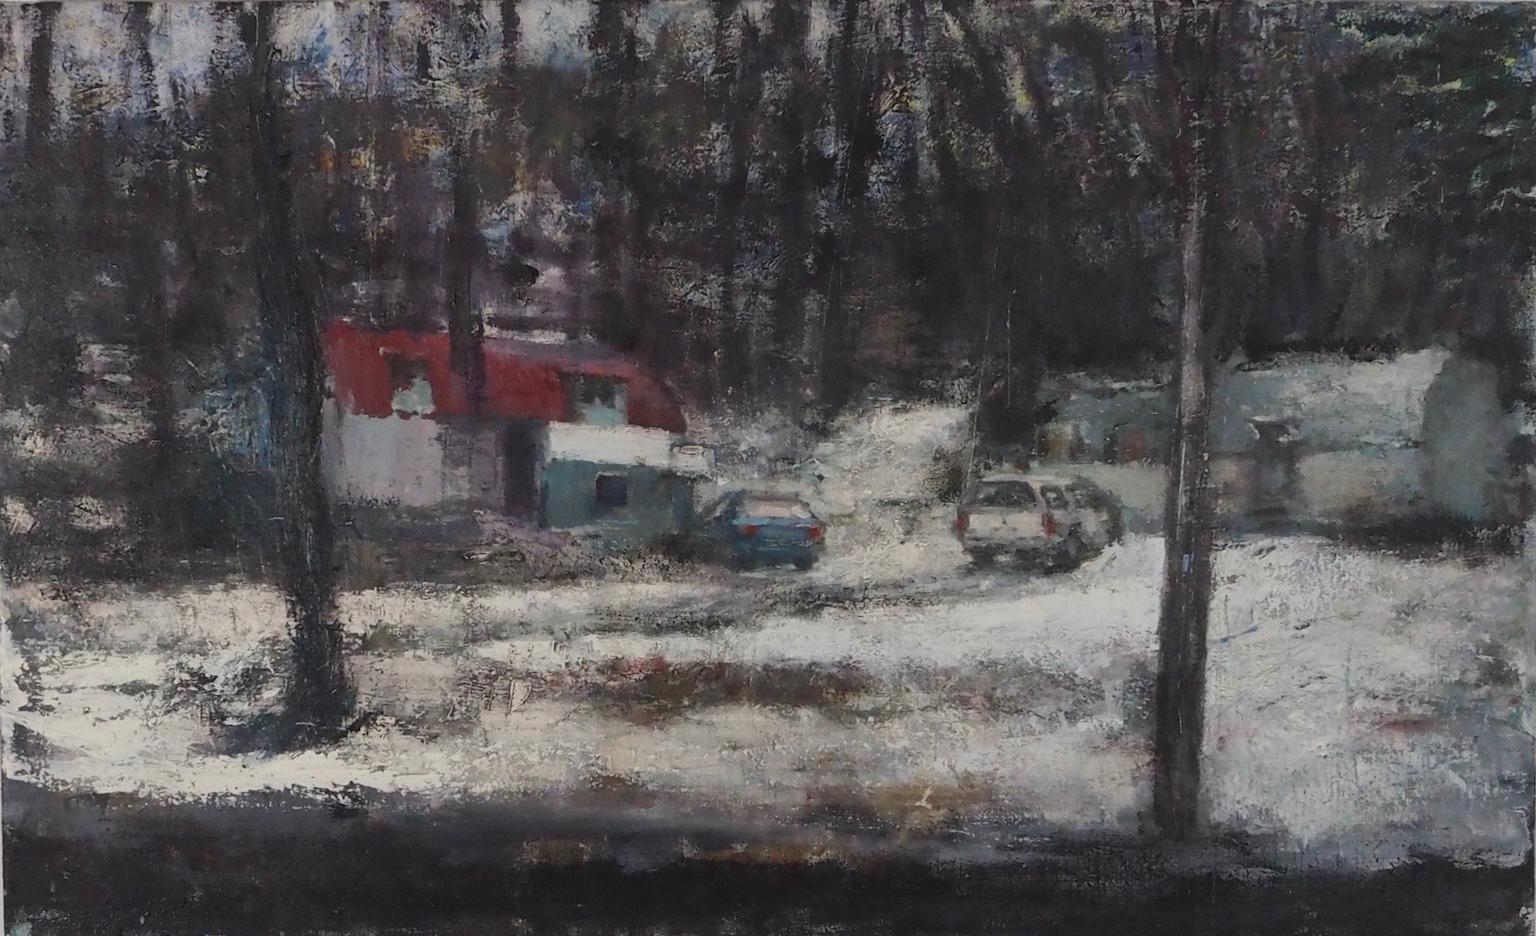 Camp Quonset Hut (PA Rt. 45)